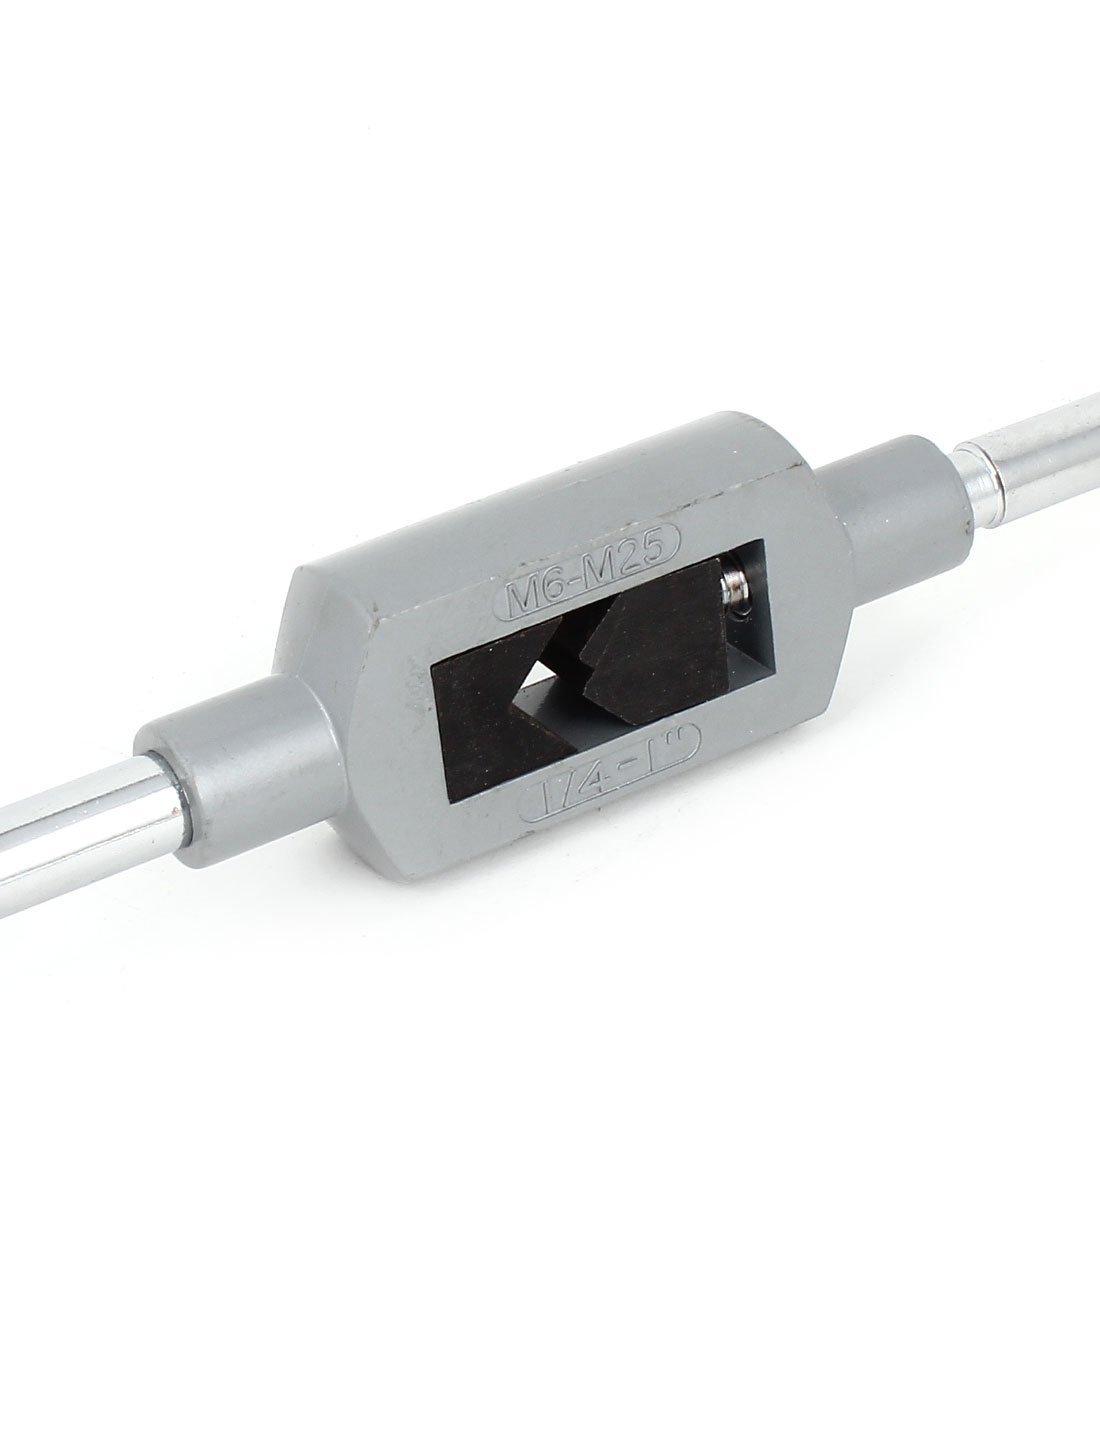 43cm de largo de 6 mm a 25 mm Tap escariador llave herramienta manija ajustable - - Amazon.com